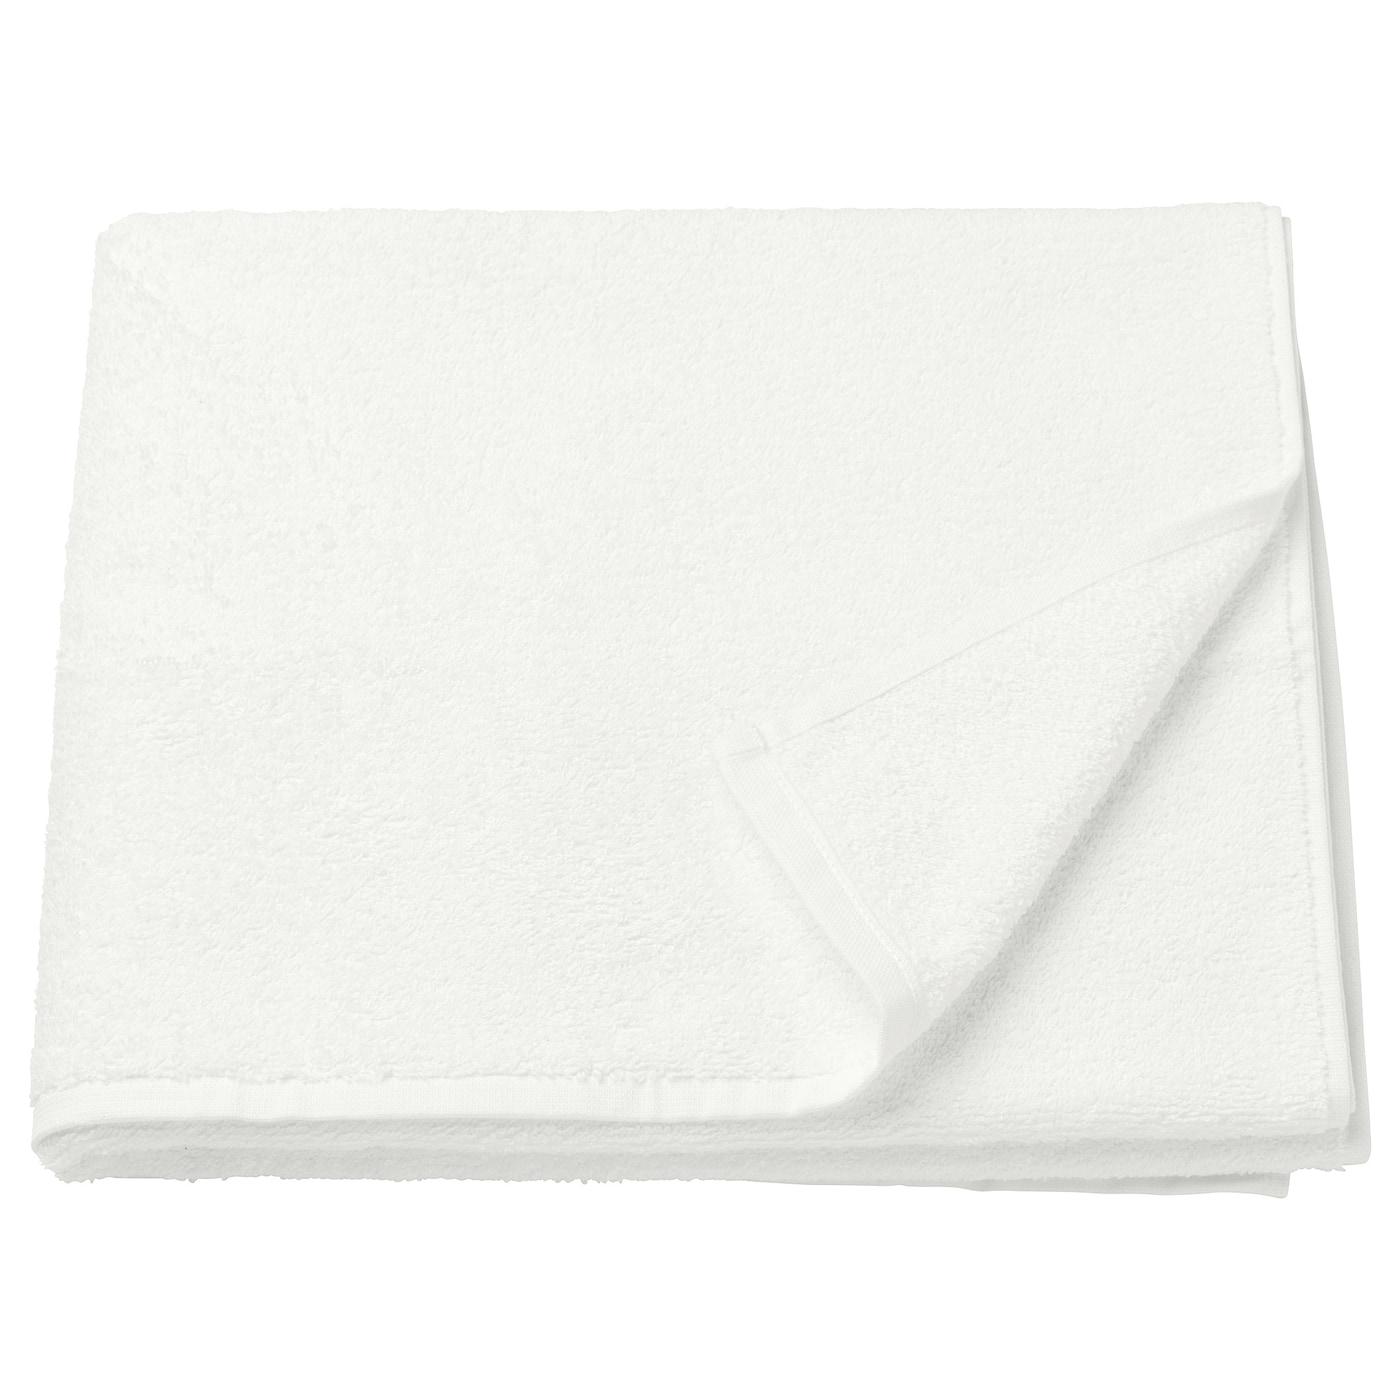 H ren toalla de ba o blanco 70 x 140 cm ikea for Toallas bano ikea